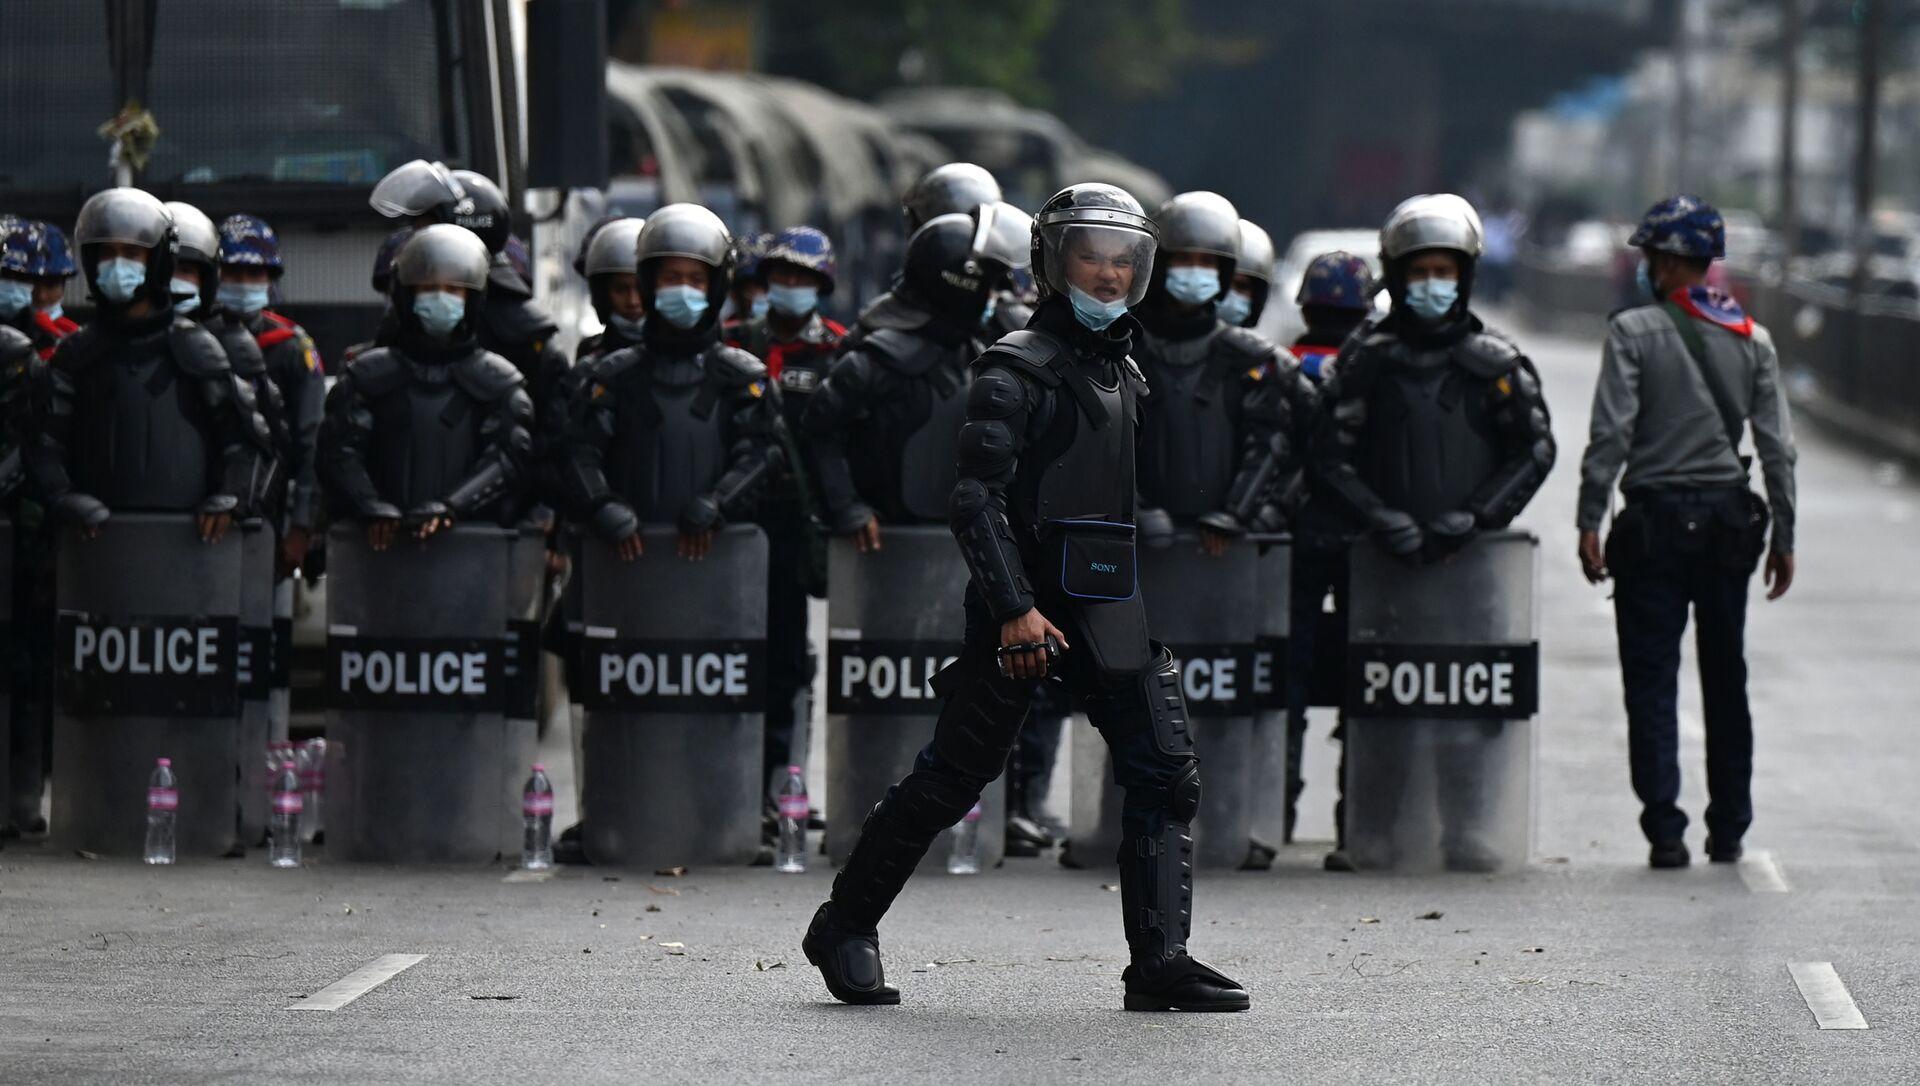 Cảnh sát trong cuộc biểu tình chống lại một cuộc đảo chính quân sự ở Myanmar. - Sputnik Việt Nam, 1920, 05.03.2021